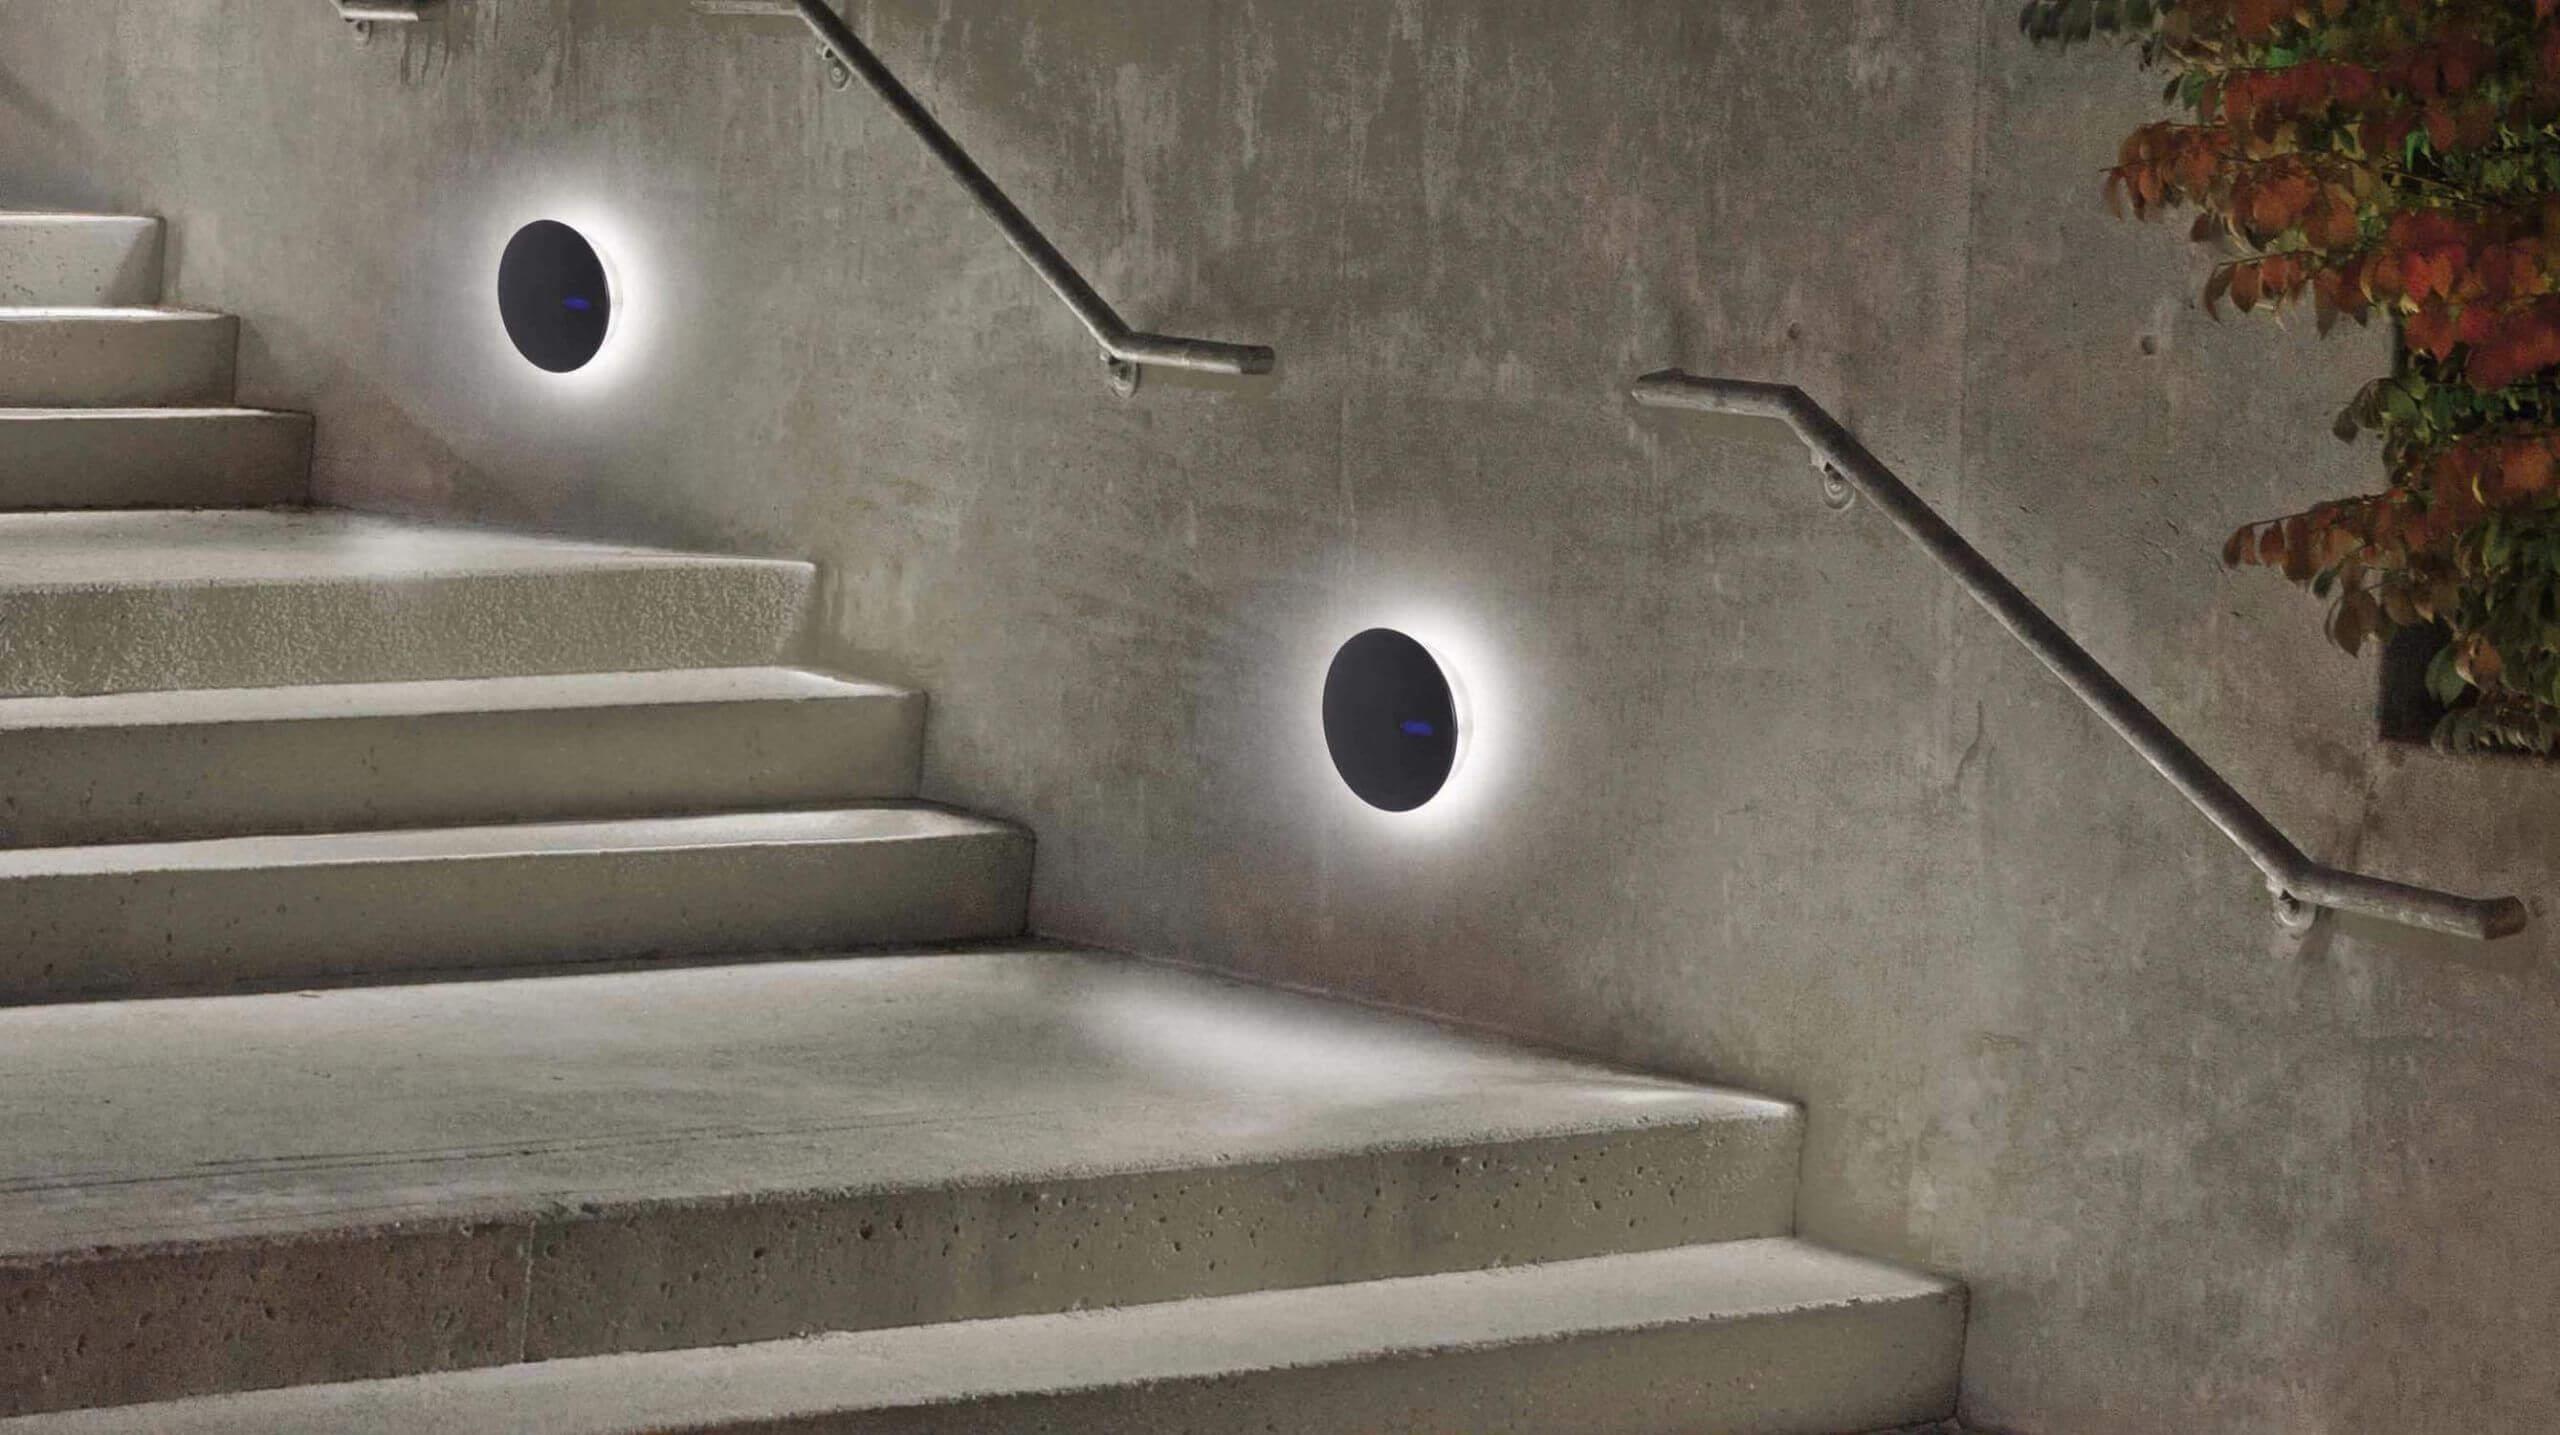 Chỉ với những chiếc đèn tường nhỏ bé, khu vực cầu thang của bạn đã trở nên lung linh, xinh đẹp vô cùng